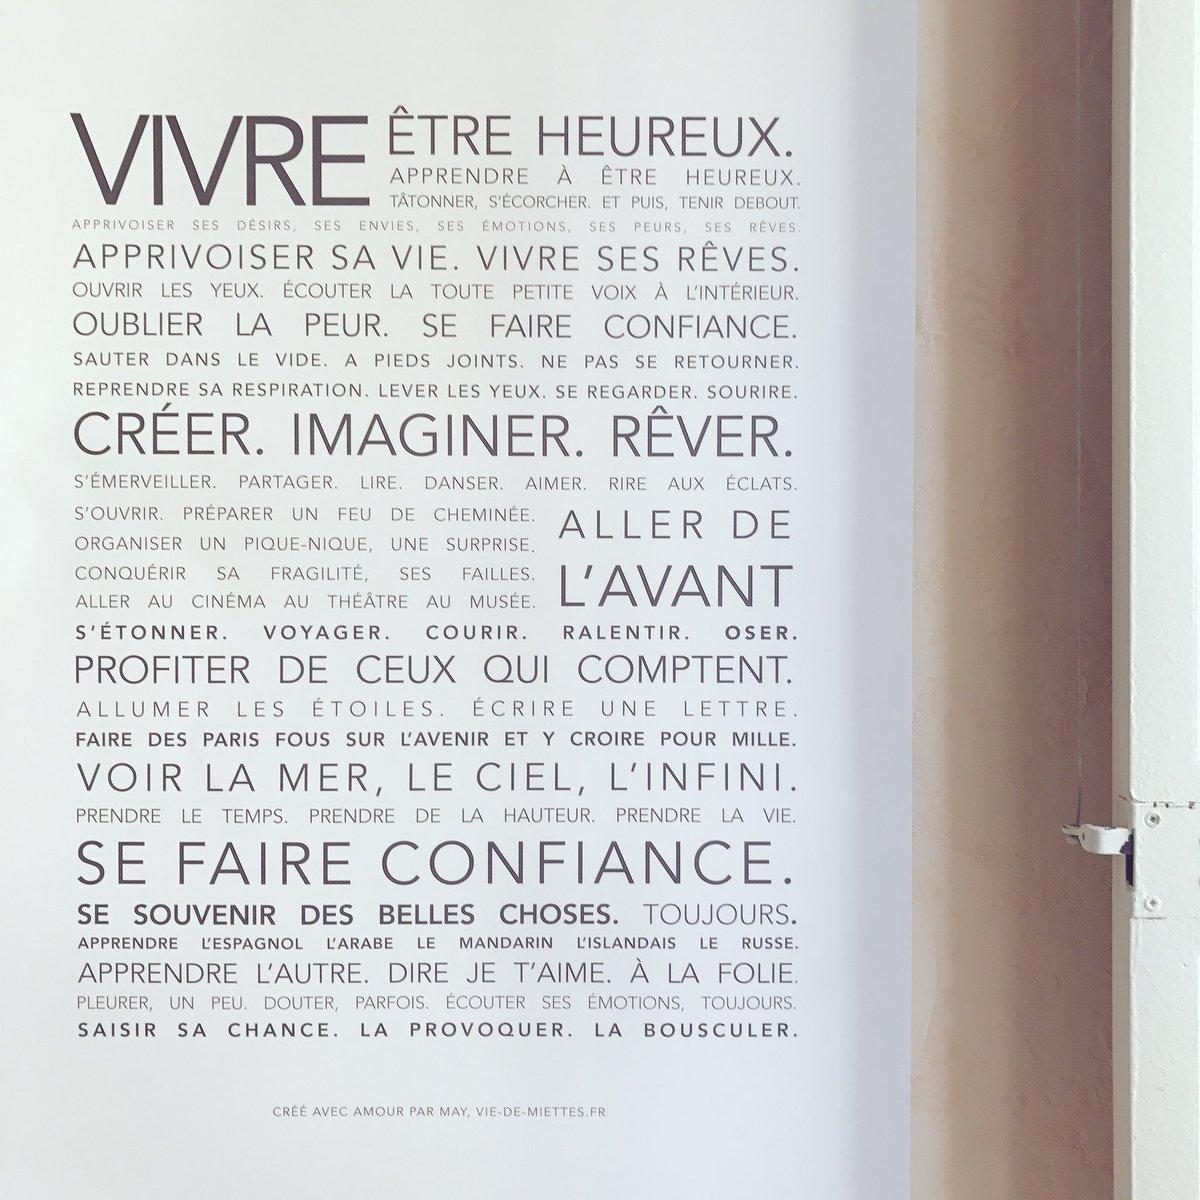 affiche-inspirante